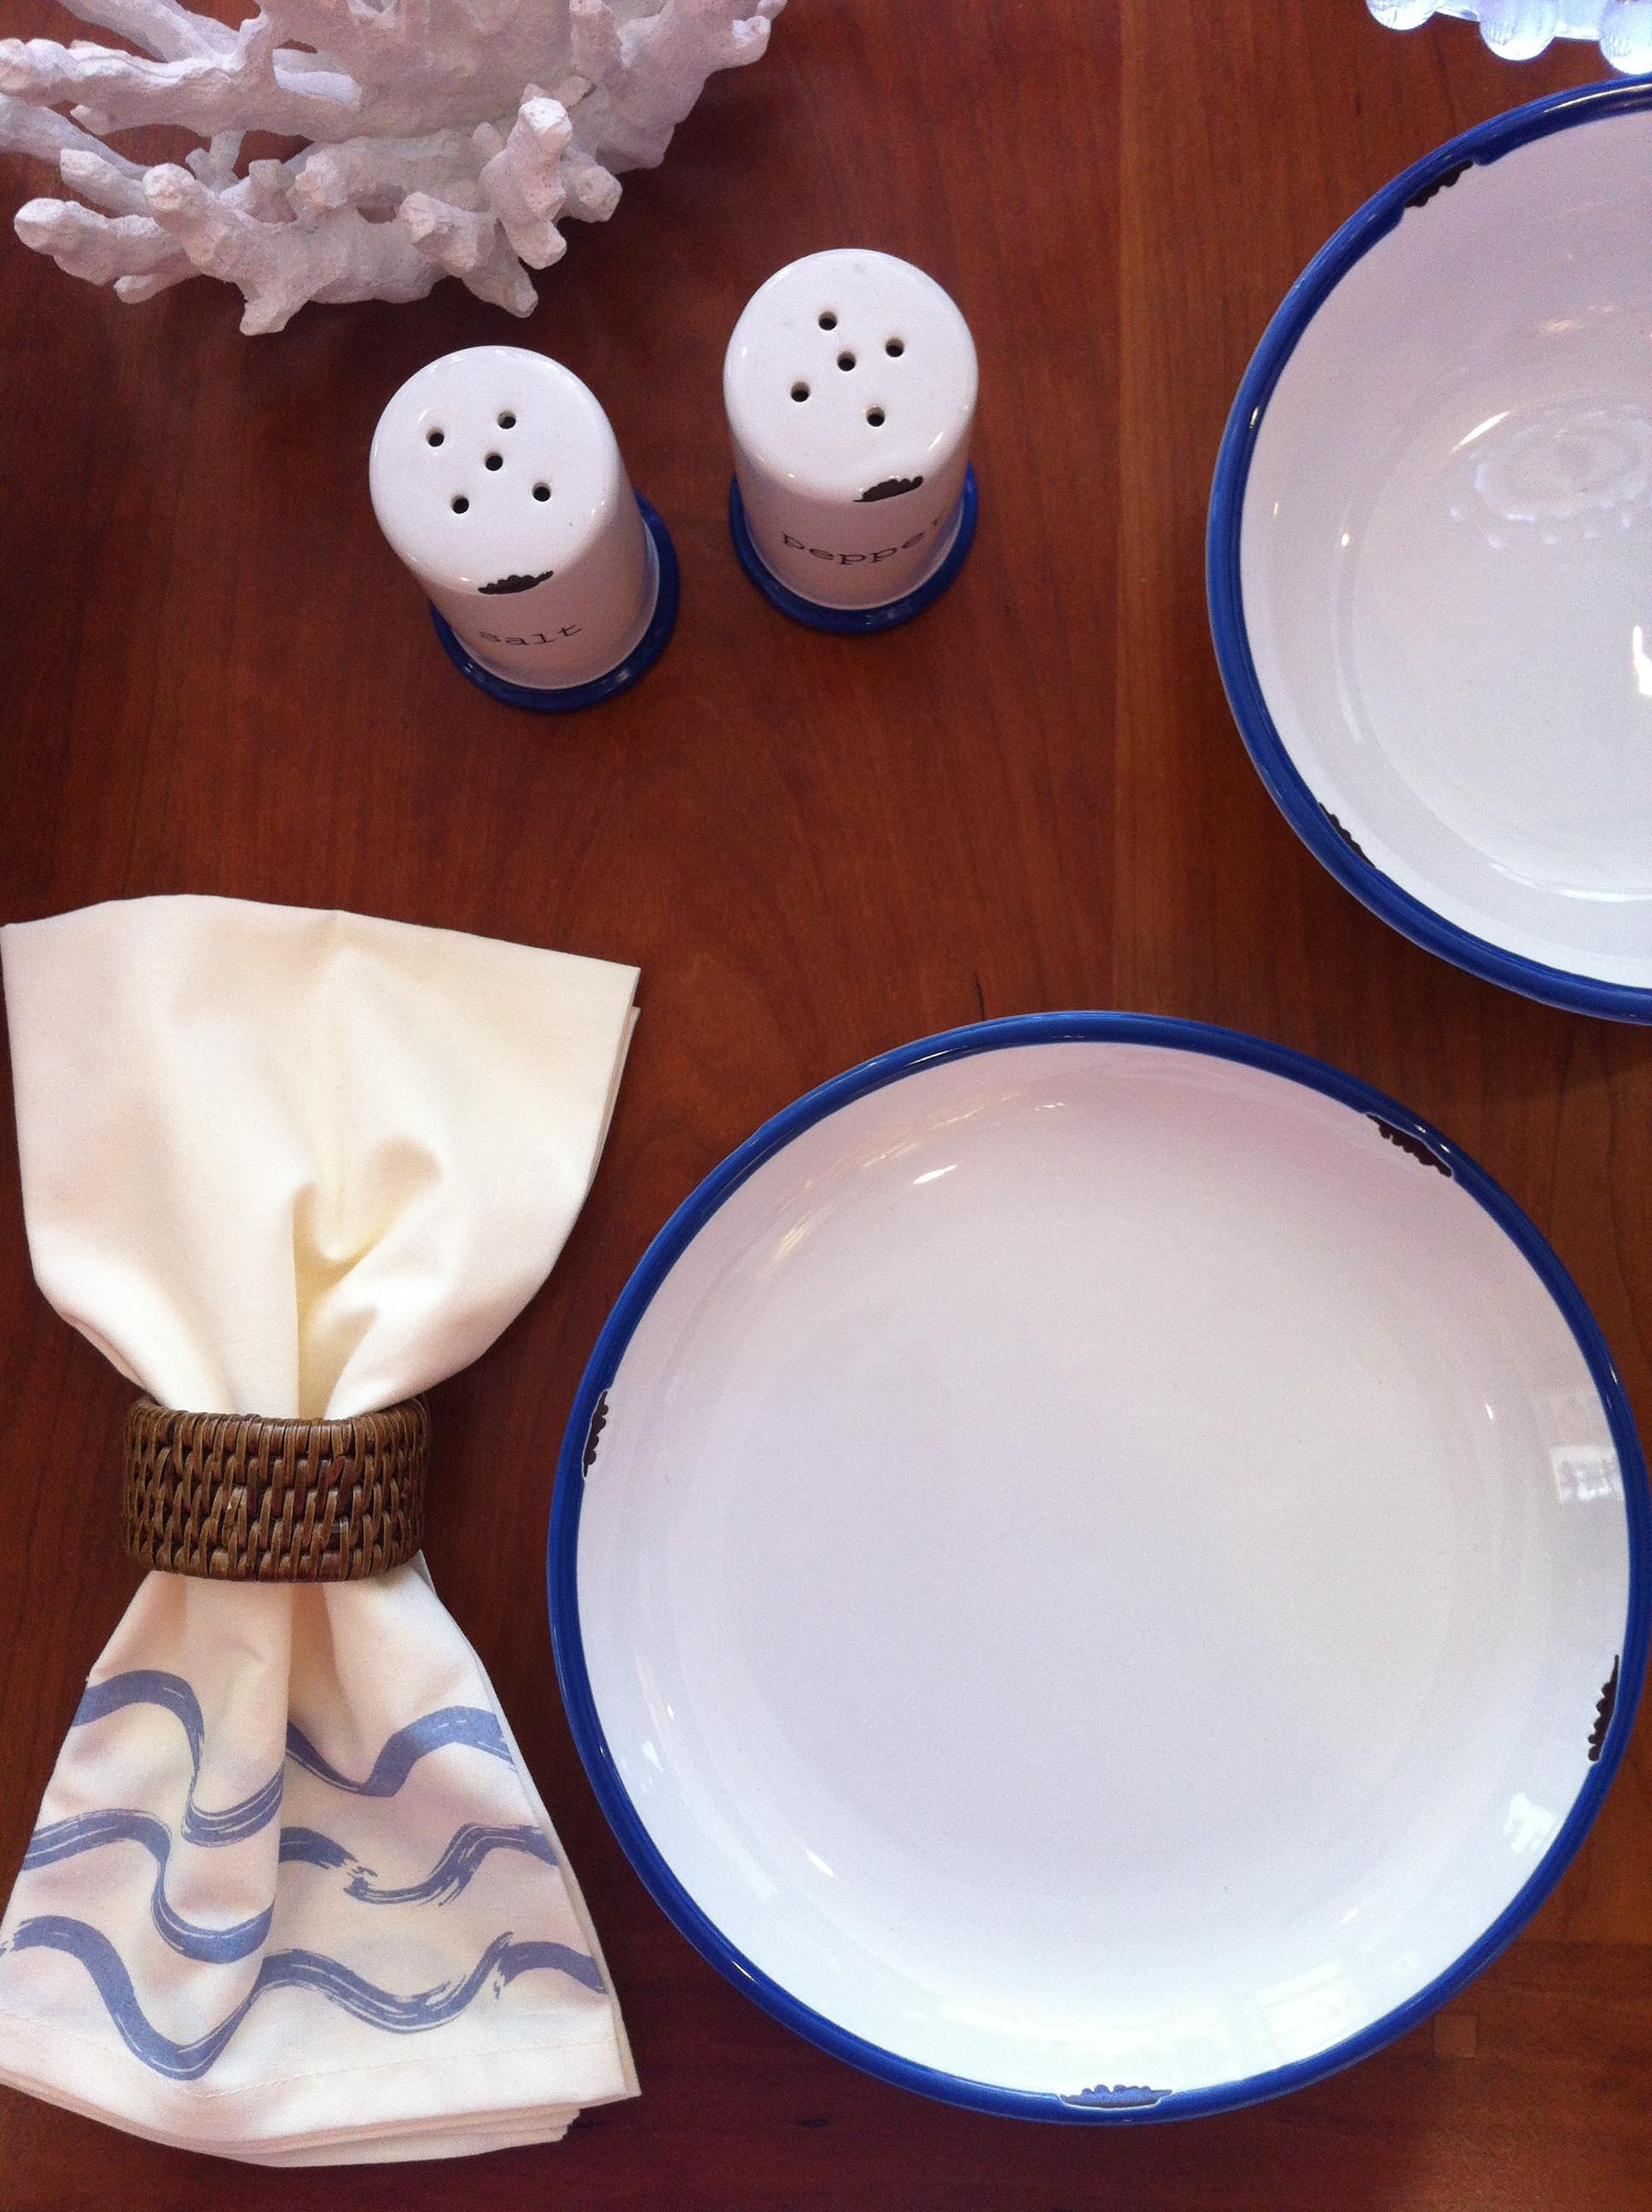 Rattan Napkin Ring, $4 Wave Napkin, $8 Ceramic Enamel-Look Tableware, $10-$16